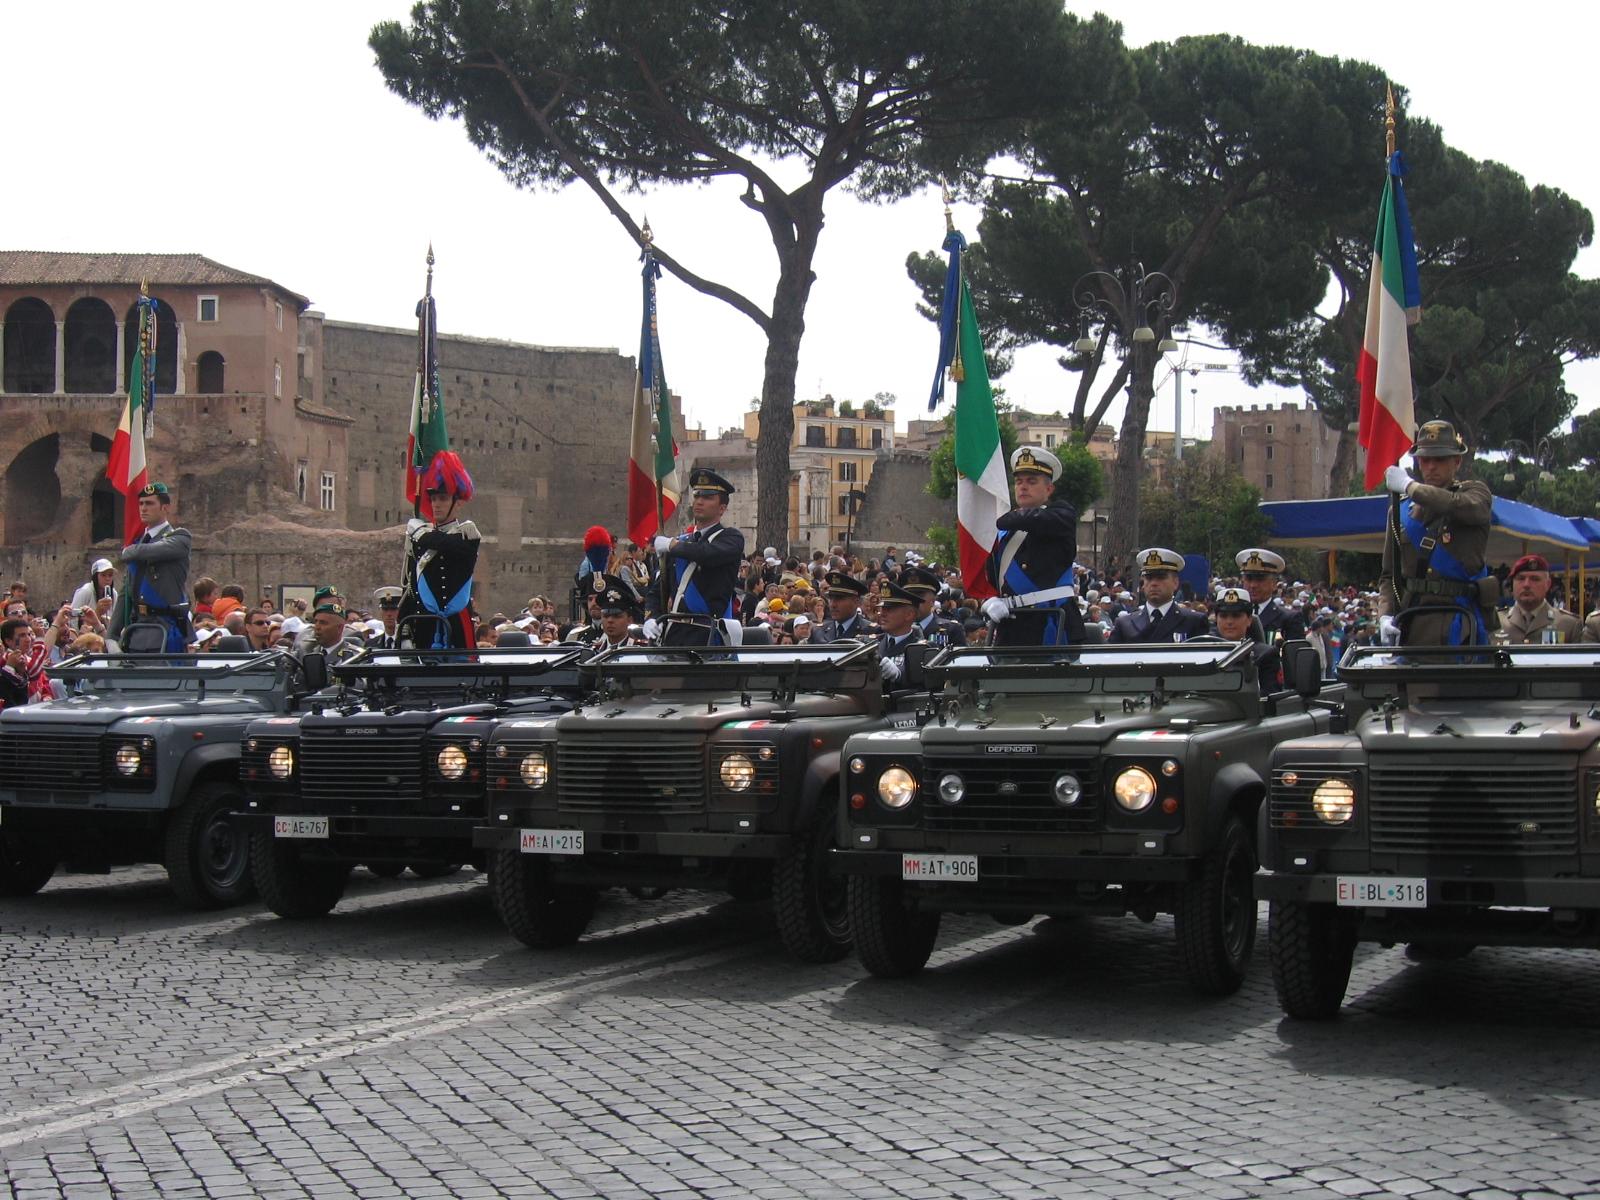 Giulianova: celebrazioni e Giornata delle Forze Armate a Giulianova